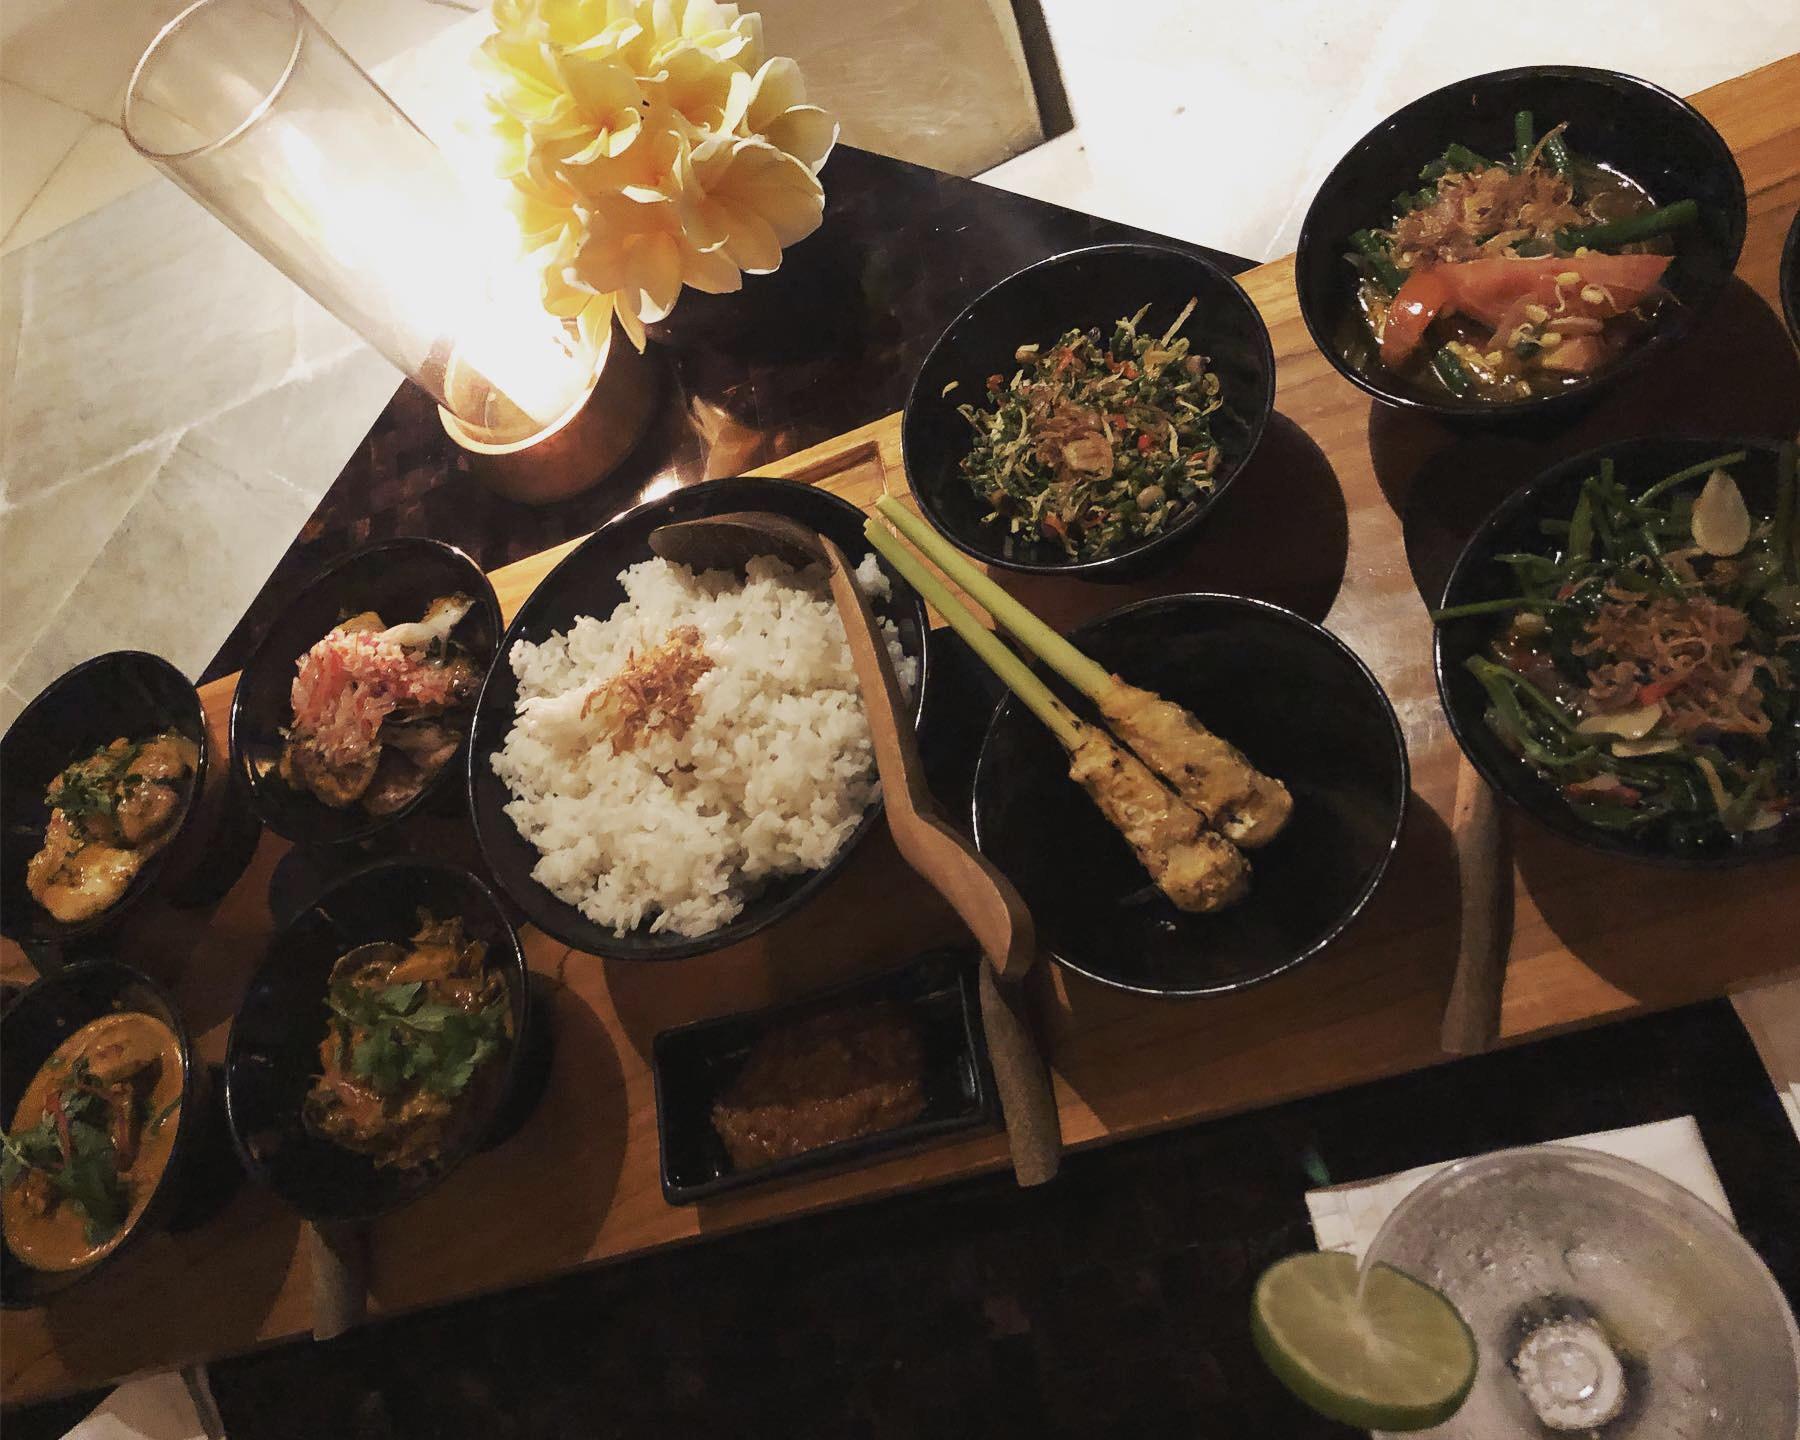 ▲住在以客為尊的飯店,林可彤無緣品嘗到當地美食,不過飯店多元化的食物也讓一家相當滿足。